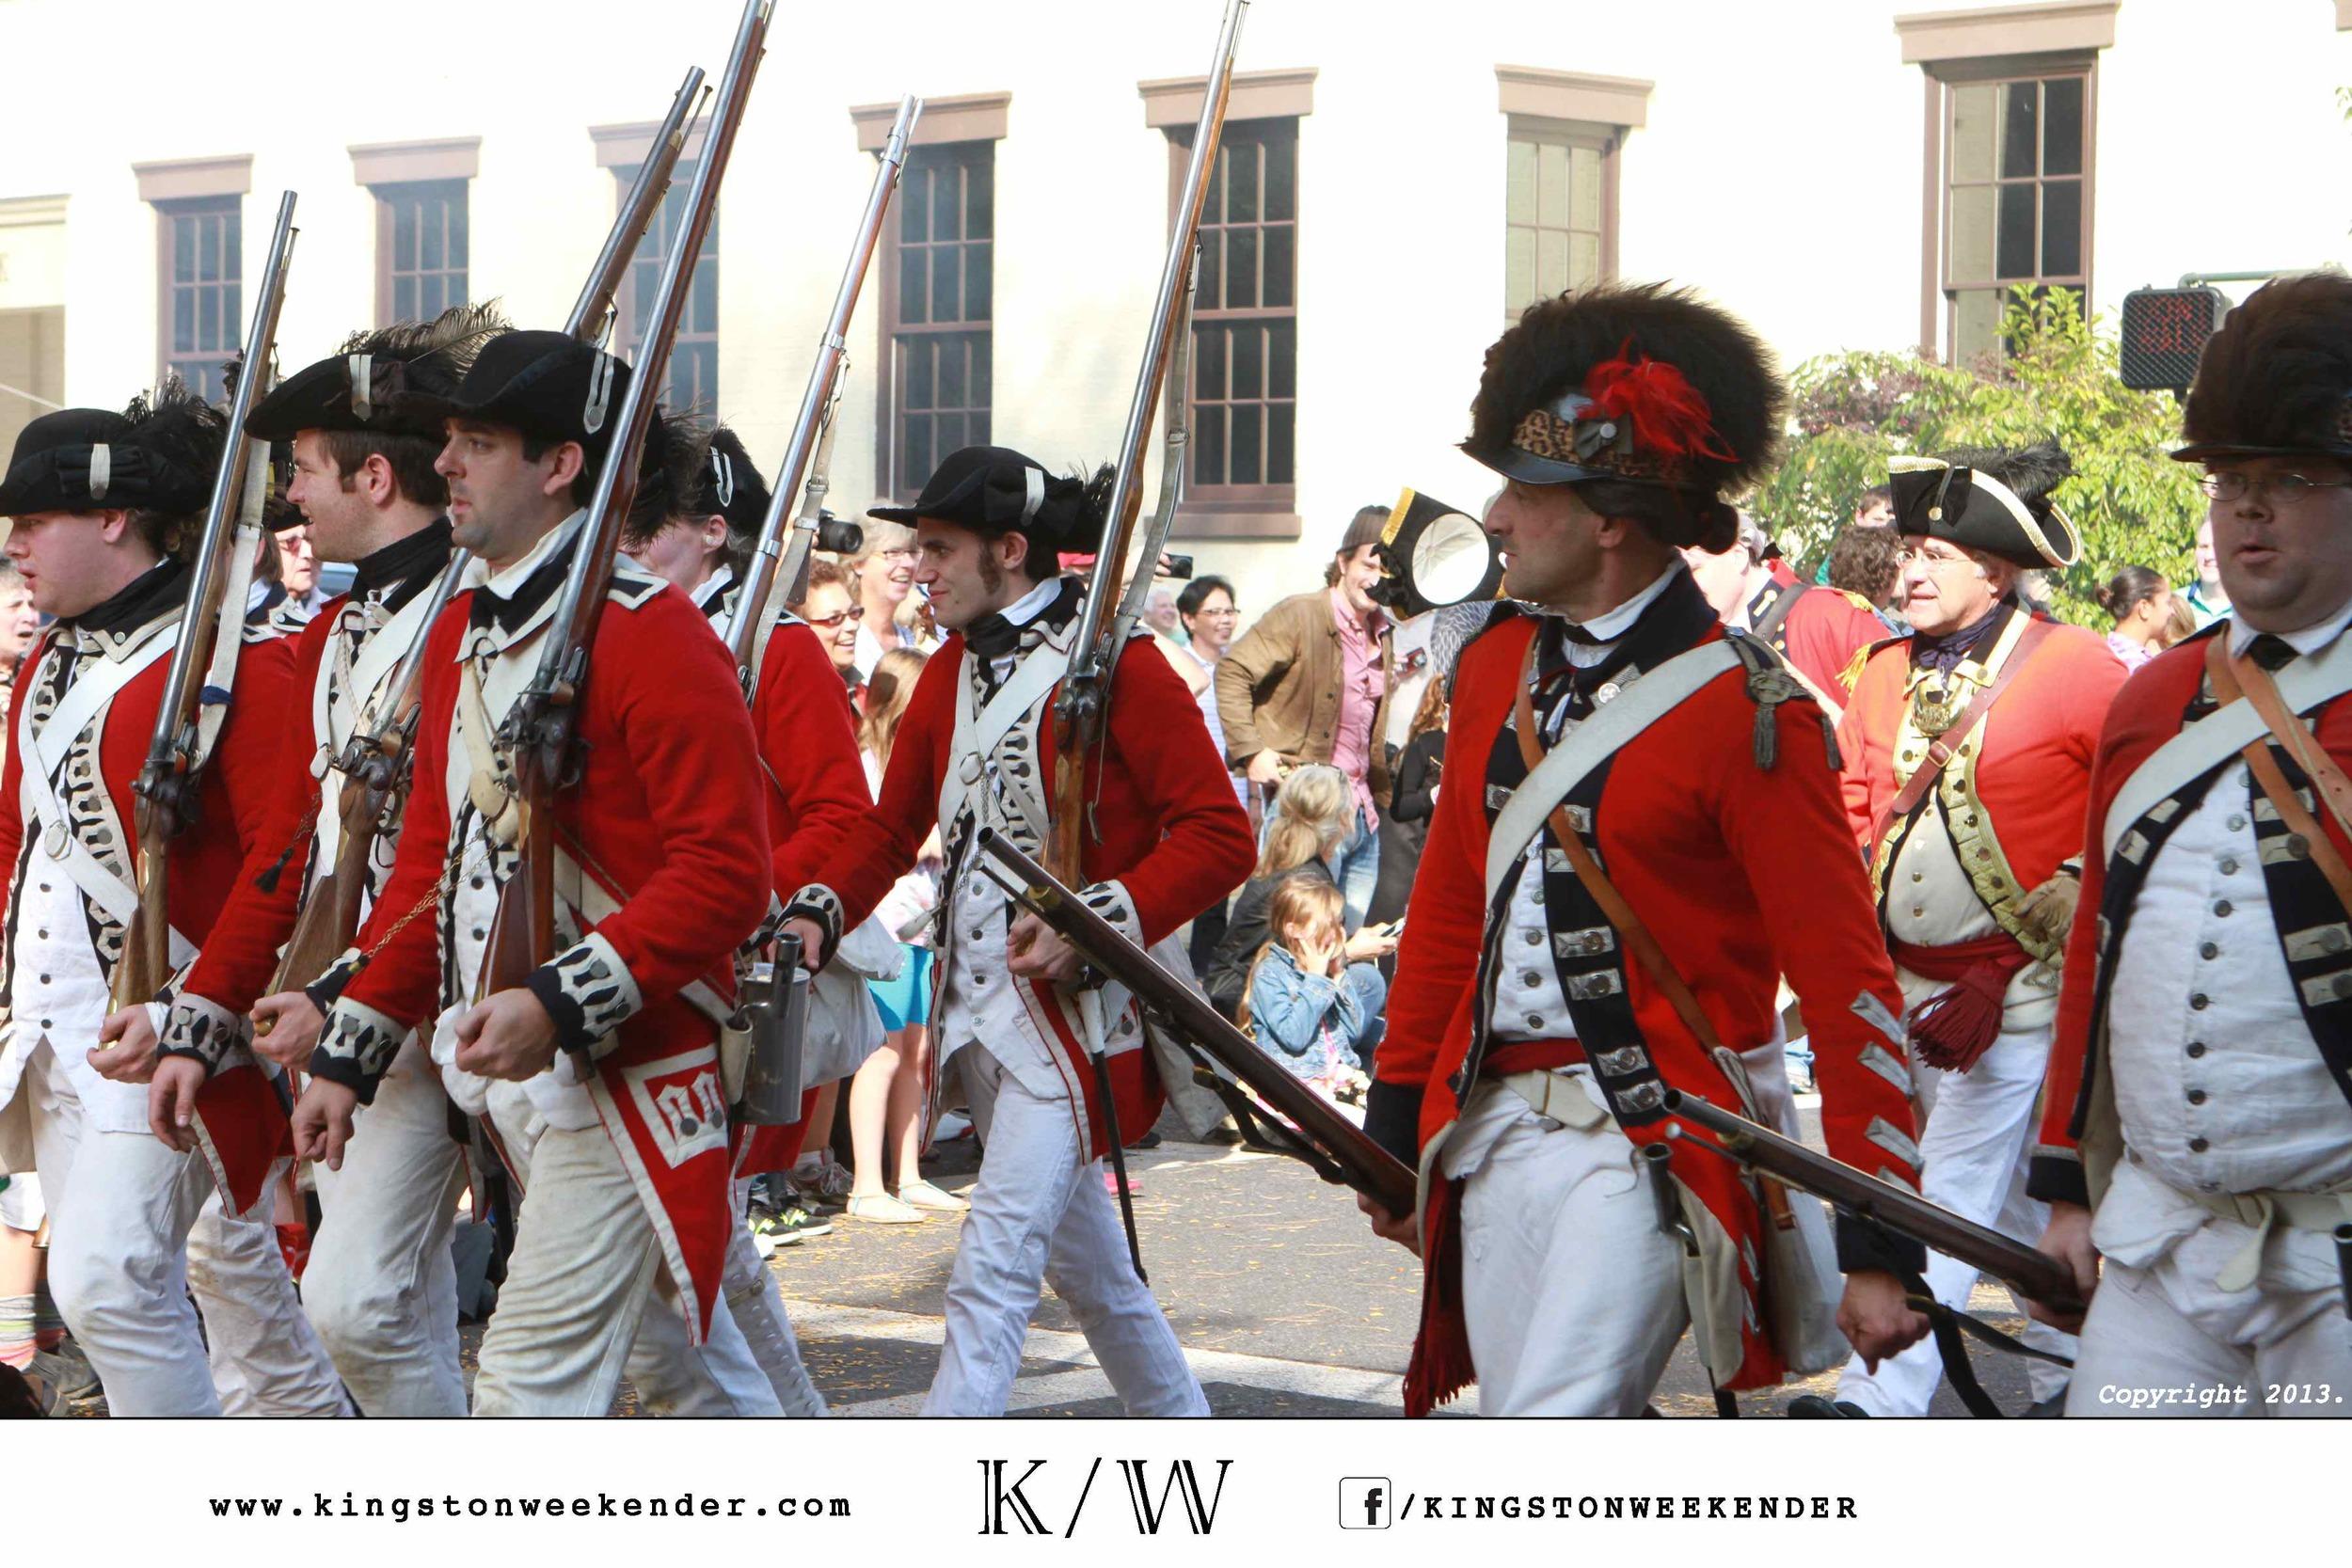 kingston-weekender-photo-credits21.jpg